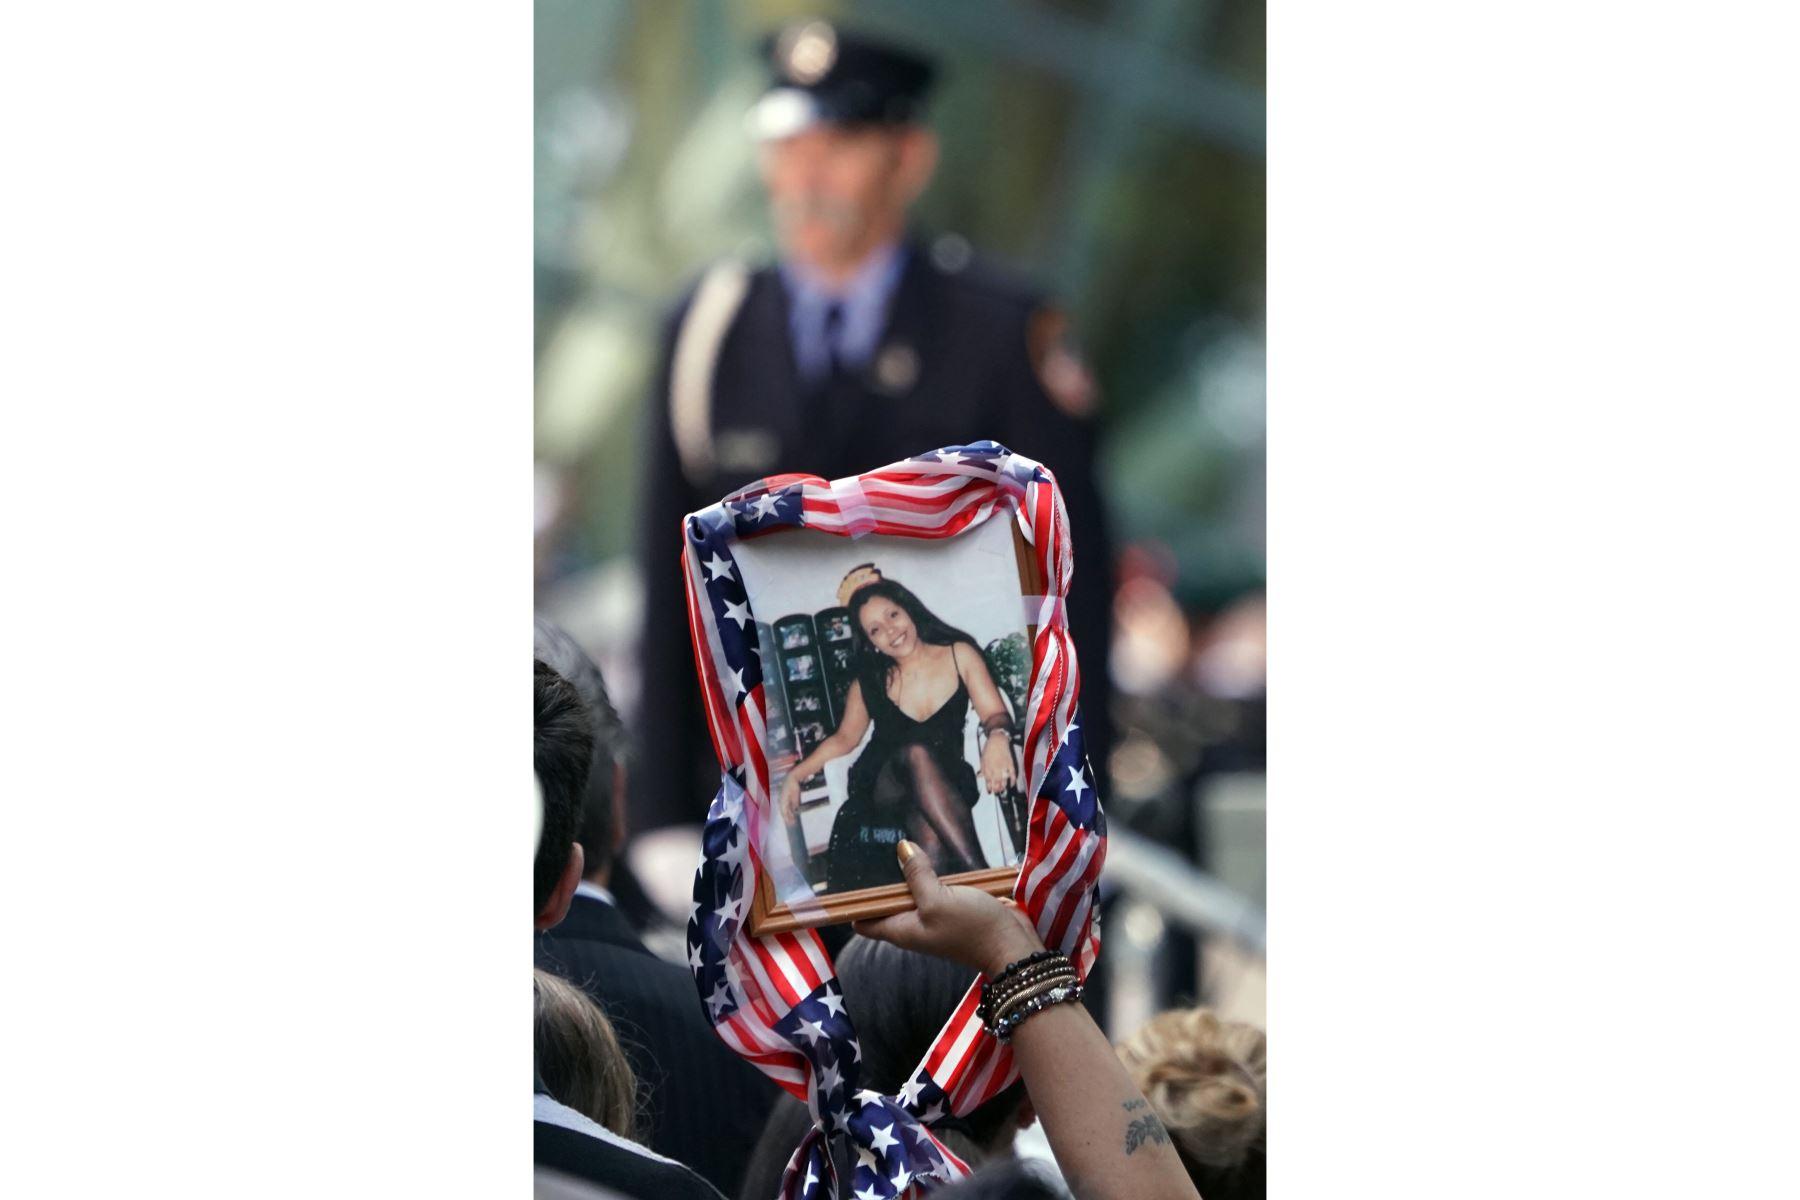 Un familiar sostiene el retrato de una víctima durante la Ceremonia de Conmemoración del 11 de septiembre en el 9/11 Memorial en el World Trade Center en Nueva York. Foto: AFP